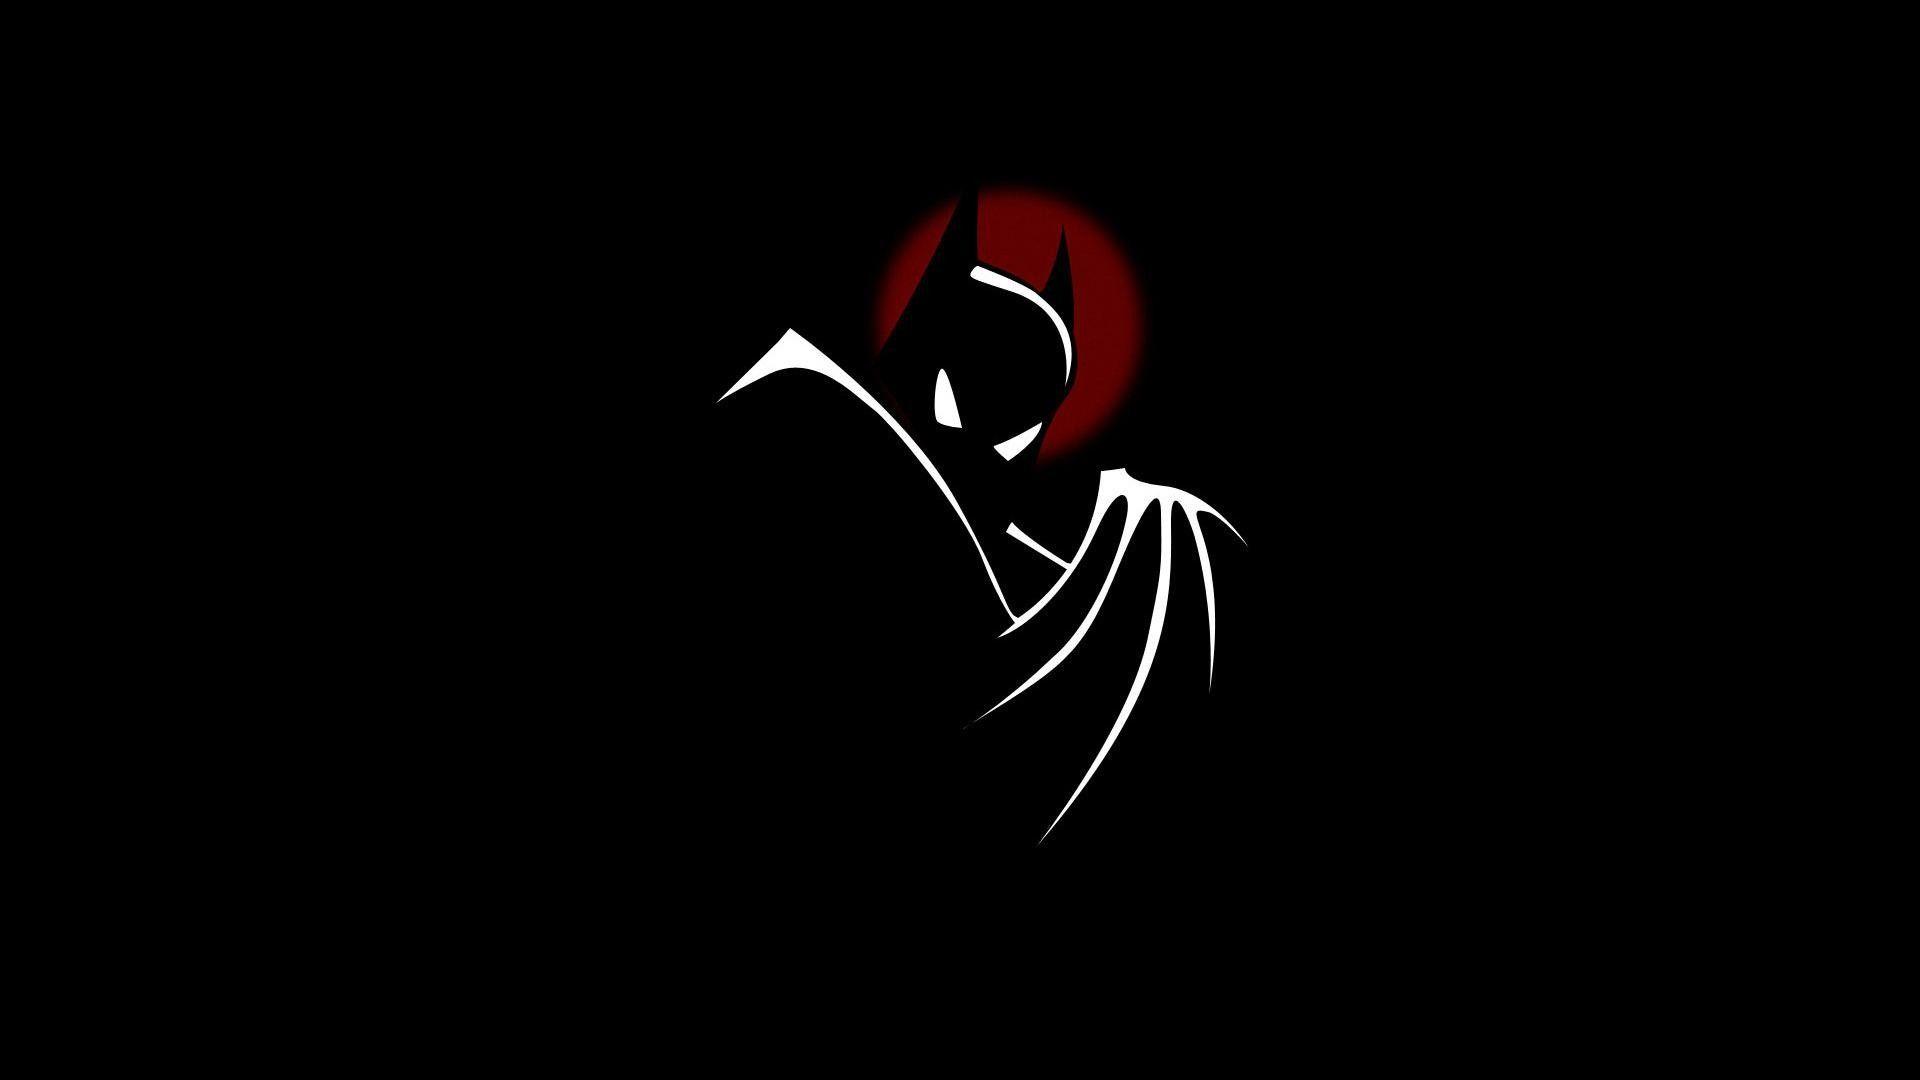 batman wallpaper 1920×1080 Black Batman Wallpapers (36